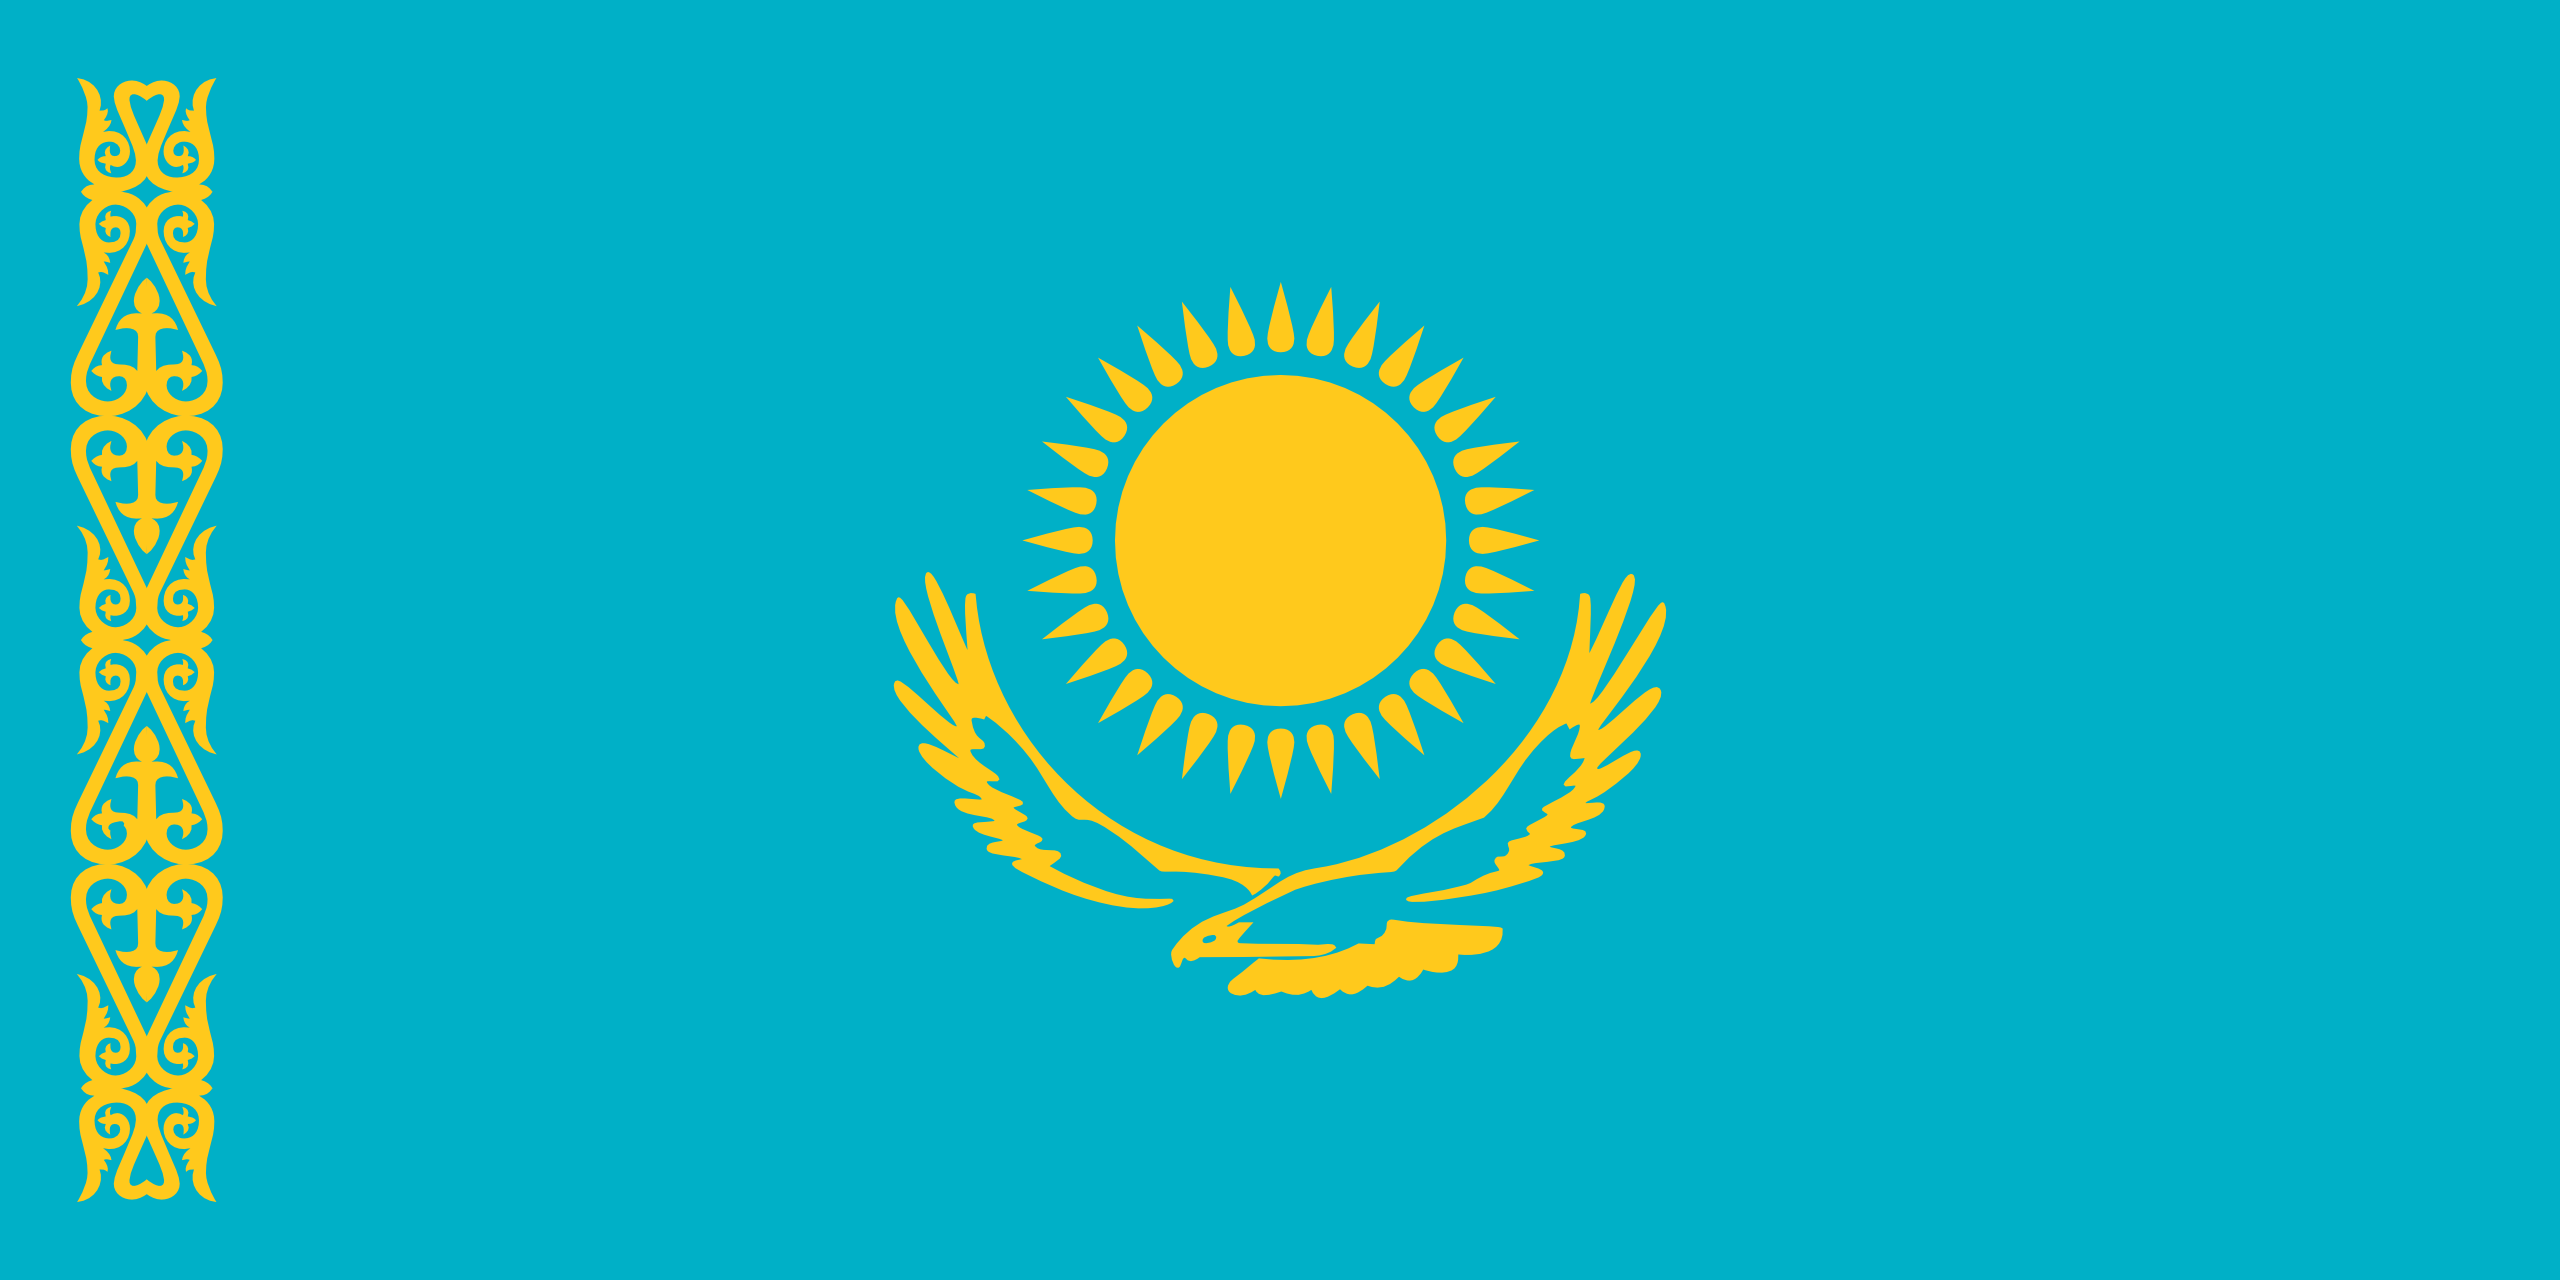 Cazaquistão, país, Brasão de armas, logotipo, símbolo - Papéis de parede HD - Professor-falken.com